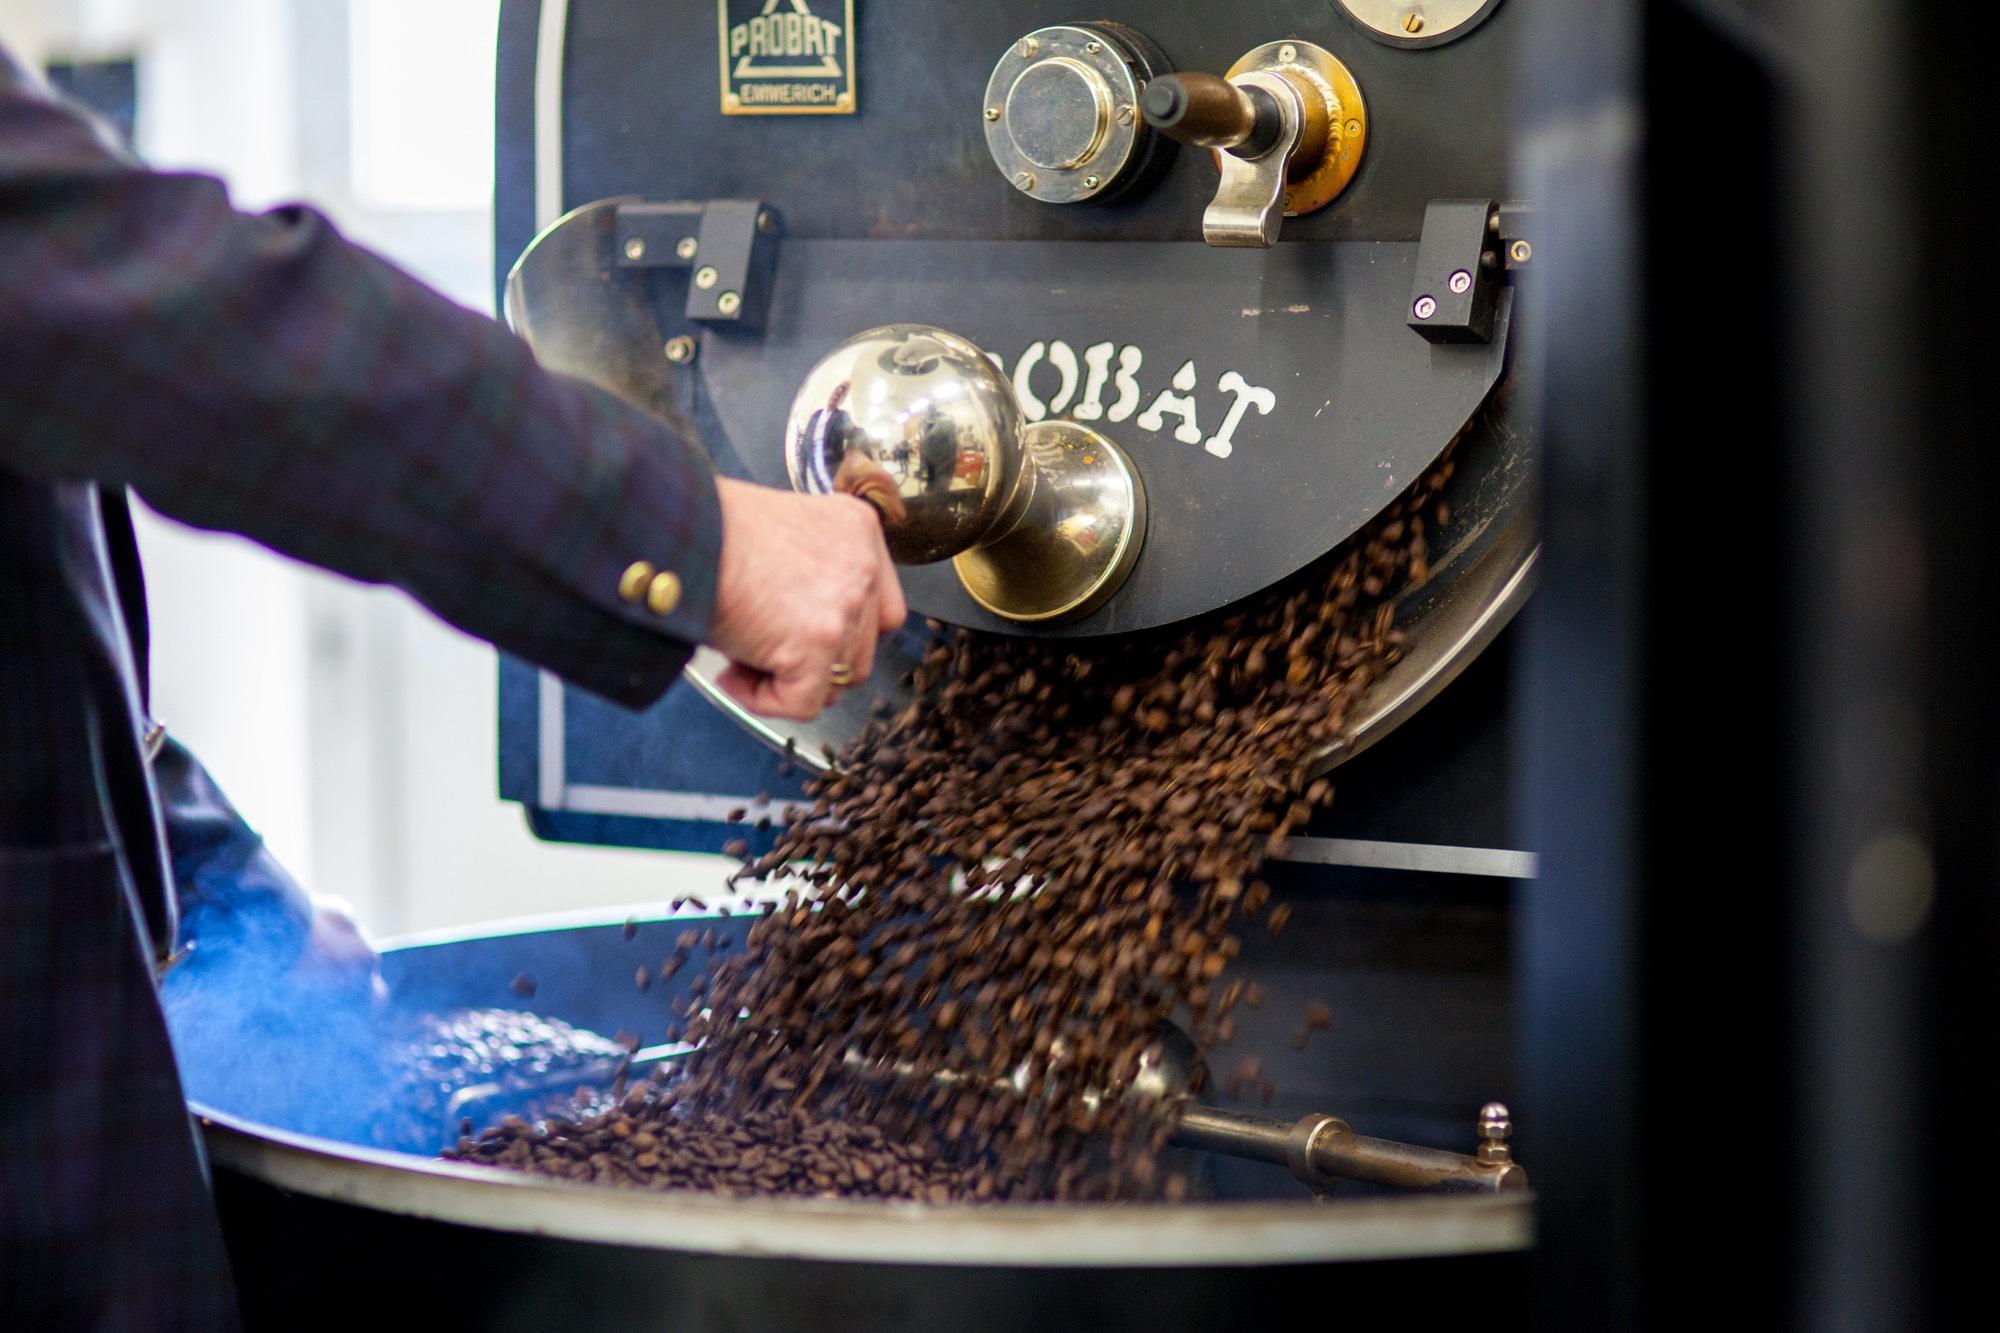 HARING KAFFEE - Handverlesene Kaffeesorten und schonende Röstung